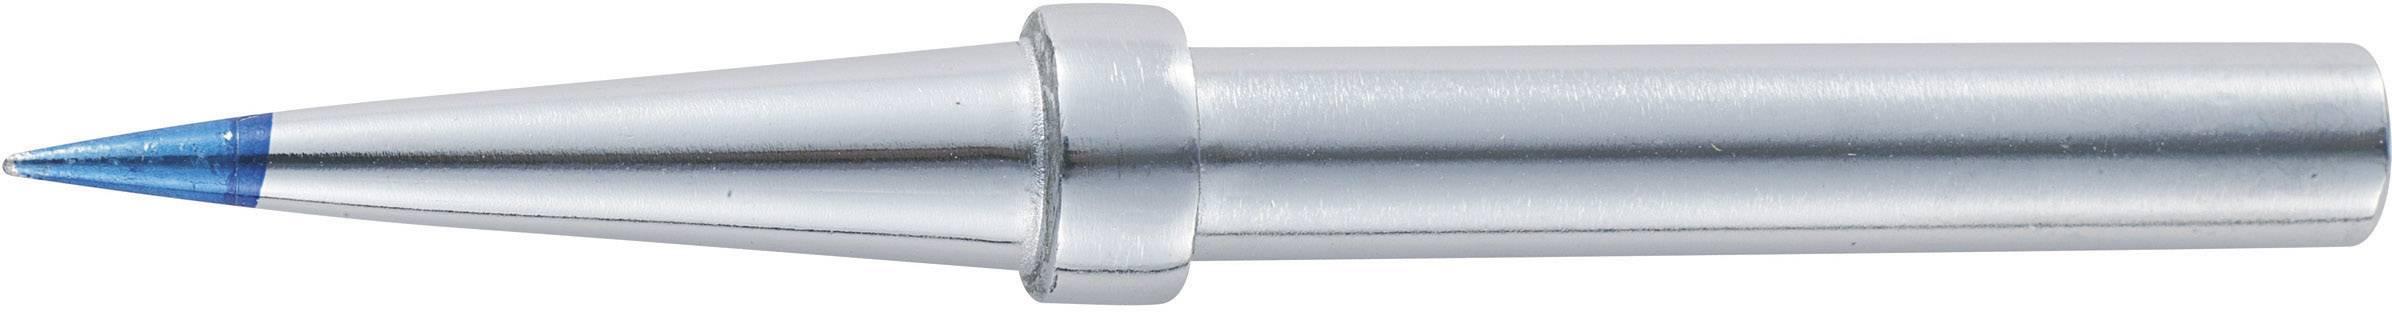 Spájkovací hrot ceruzková forma TOOLCRAFT KKT-5.6B, velikost hrotu 5.6 mm, 1 ks